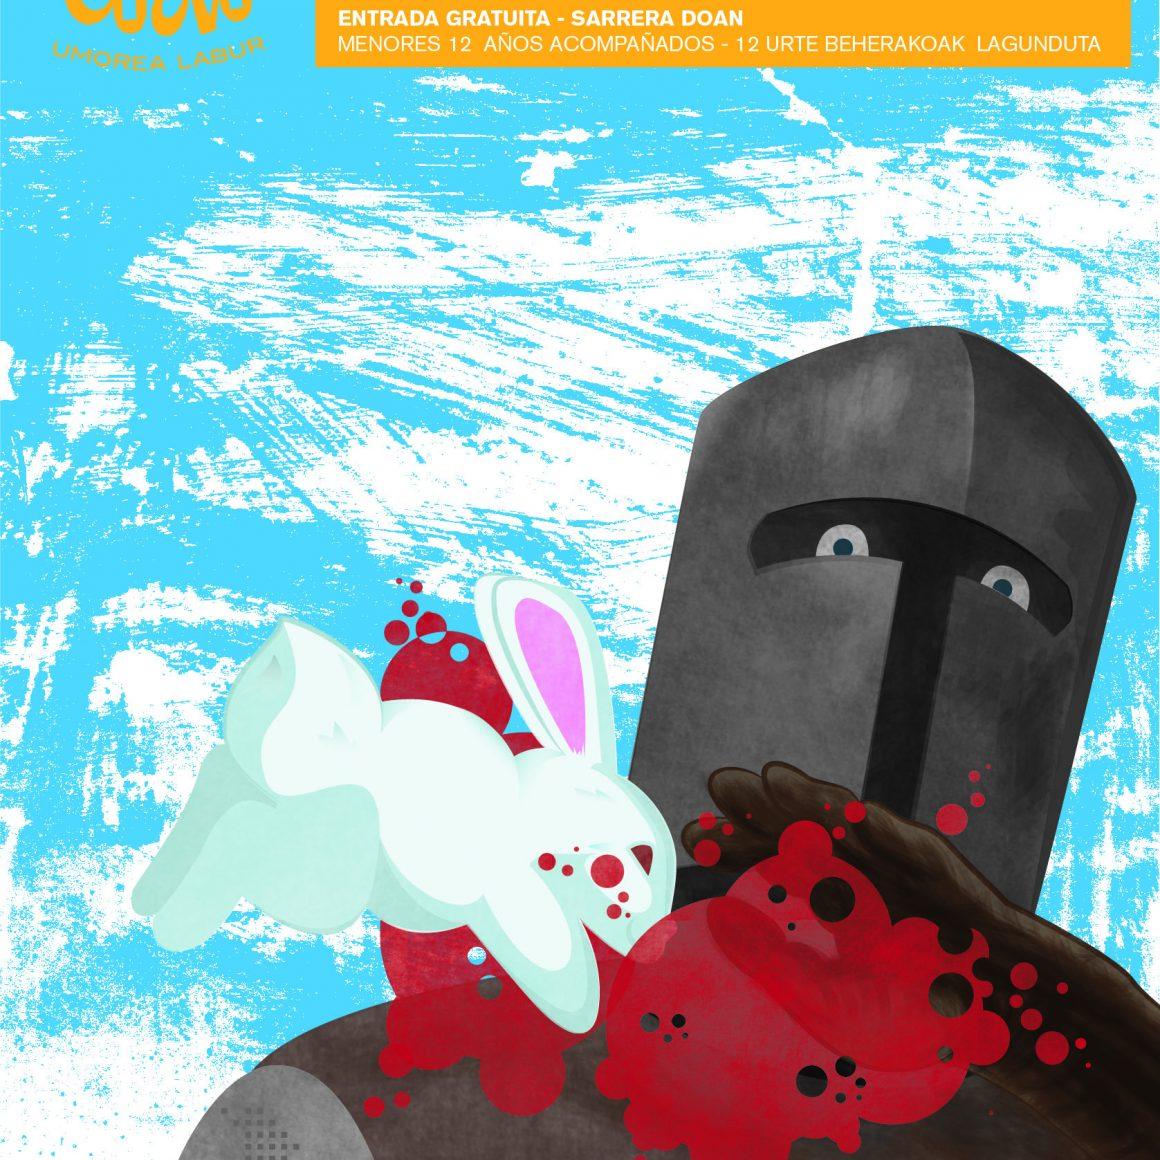 Festival de Cortos de Humor en Arrigorriaga - Humor en Corto